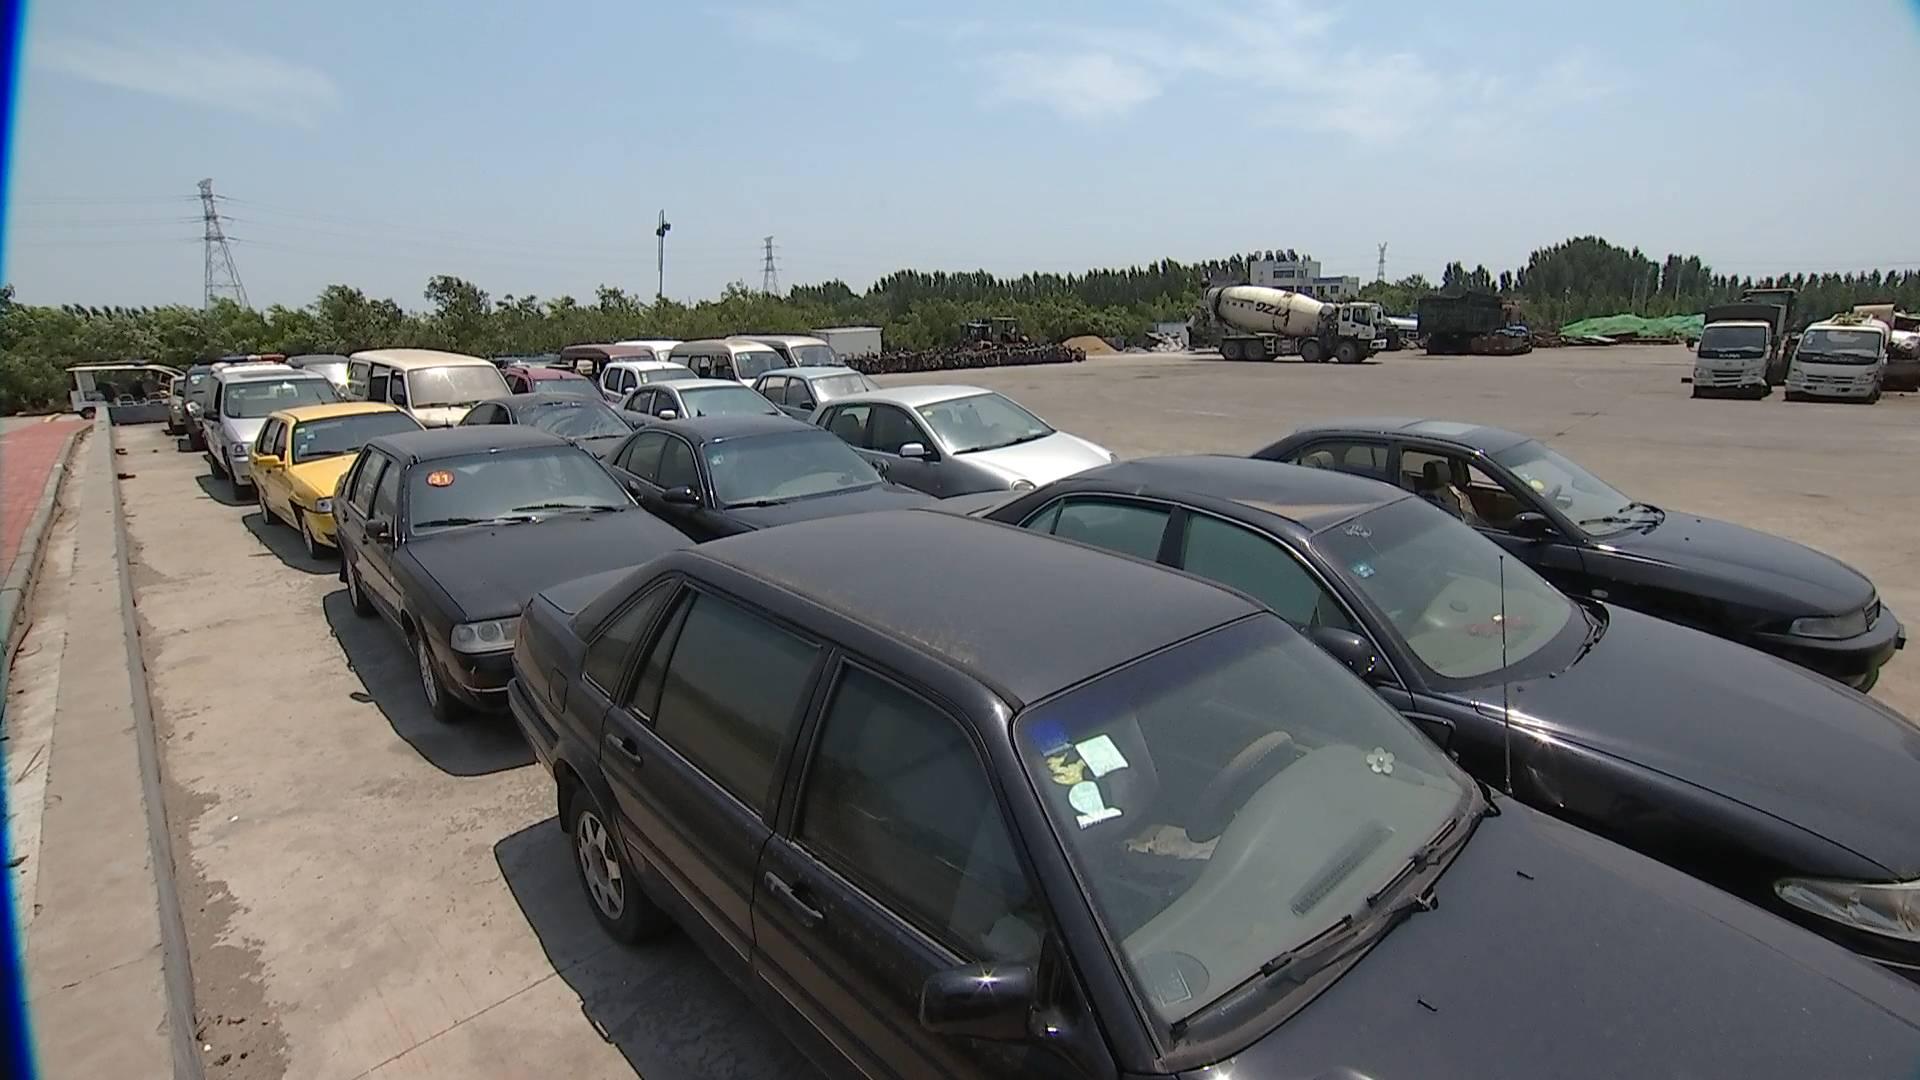 问政追踪|德州非法拆解报废车企业被责令停业整顿 回收点授权取消